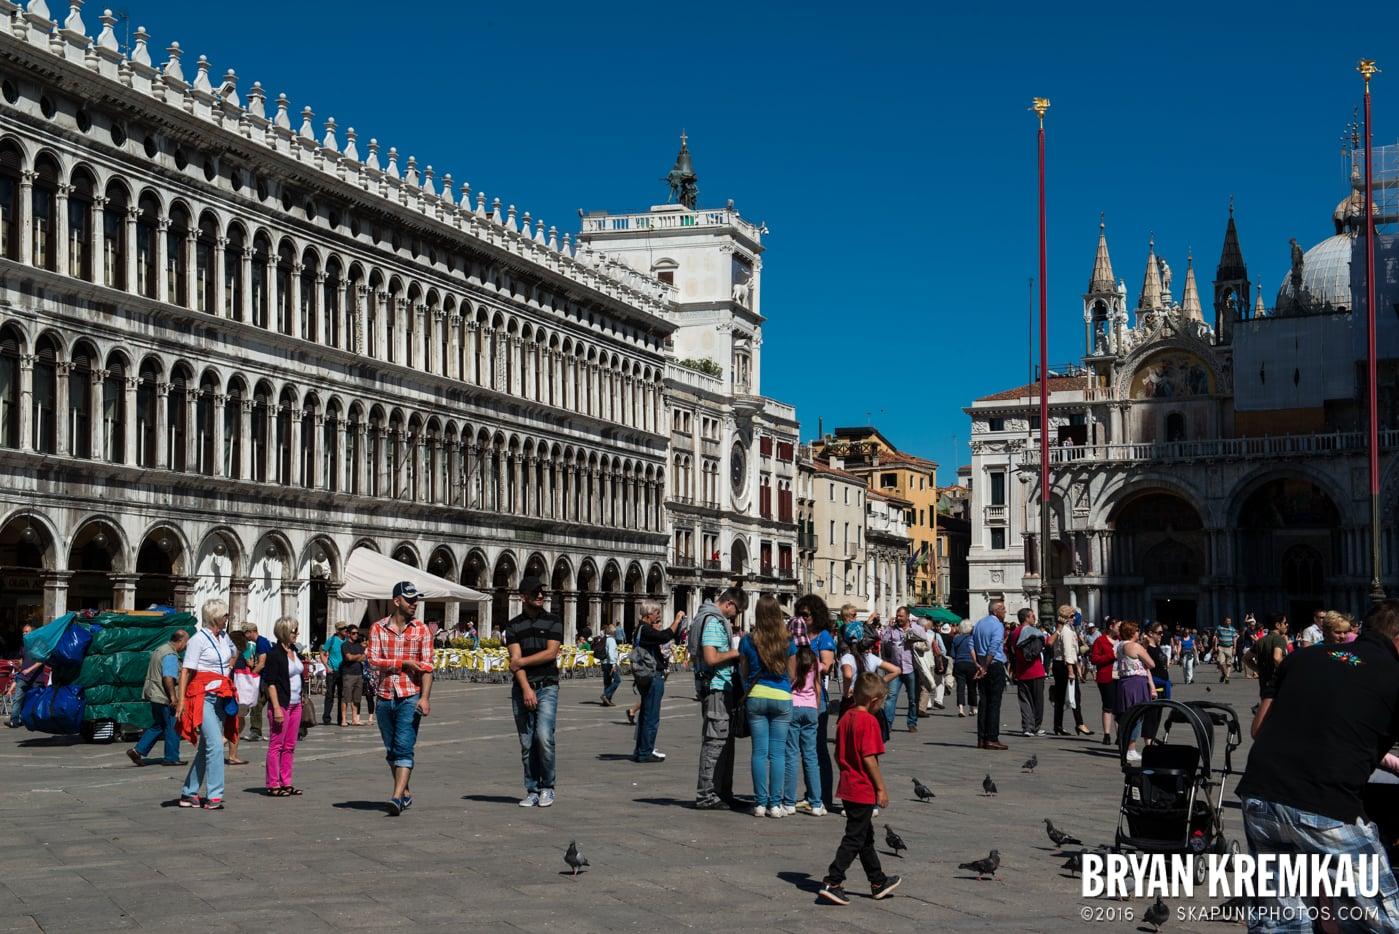 Italy Vacation - Day 4: Venice - 9.12.13 (96)